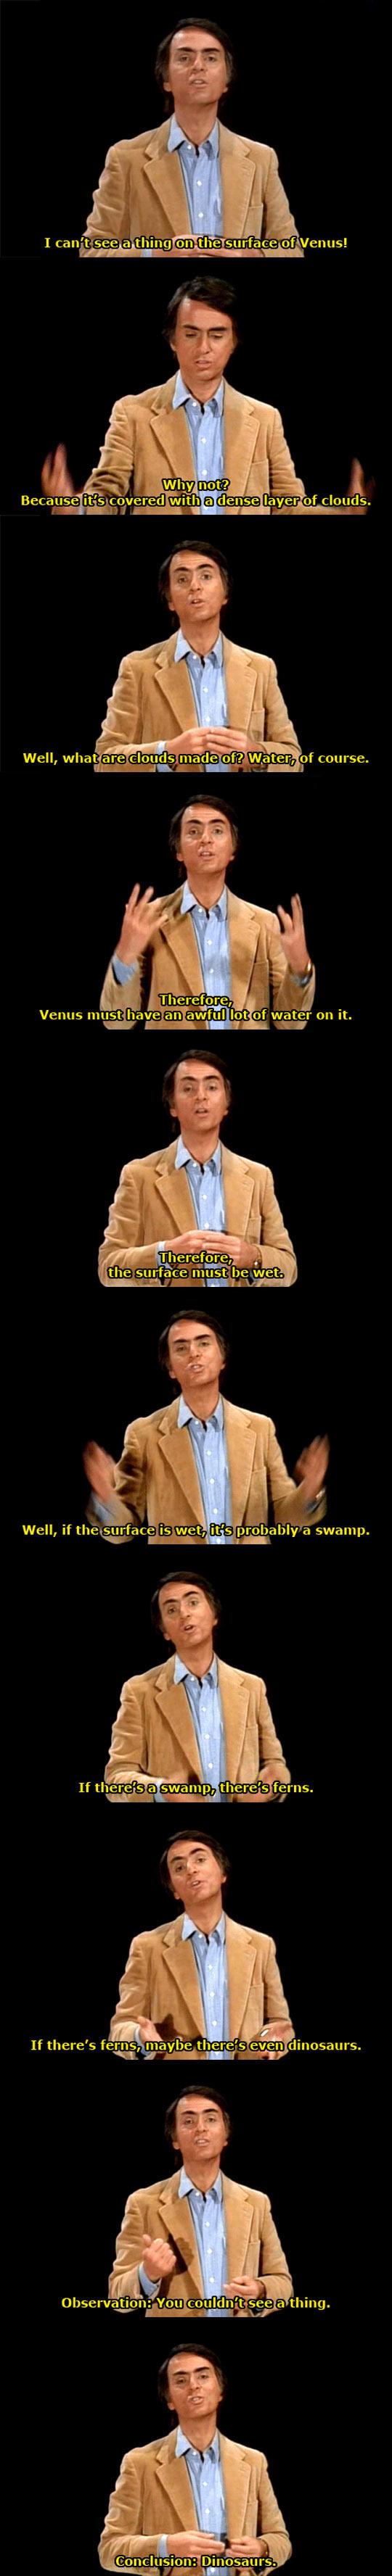 cool-Carl-Sagan-universe-Jupiter-clouds